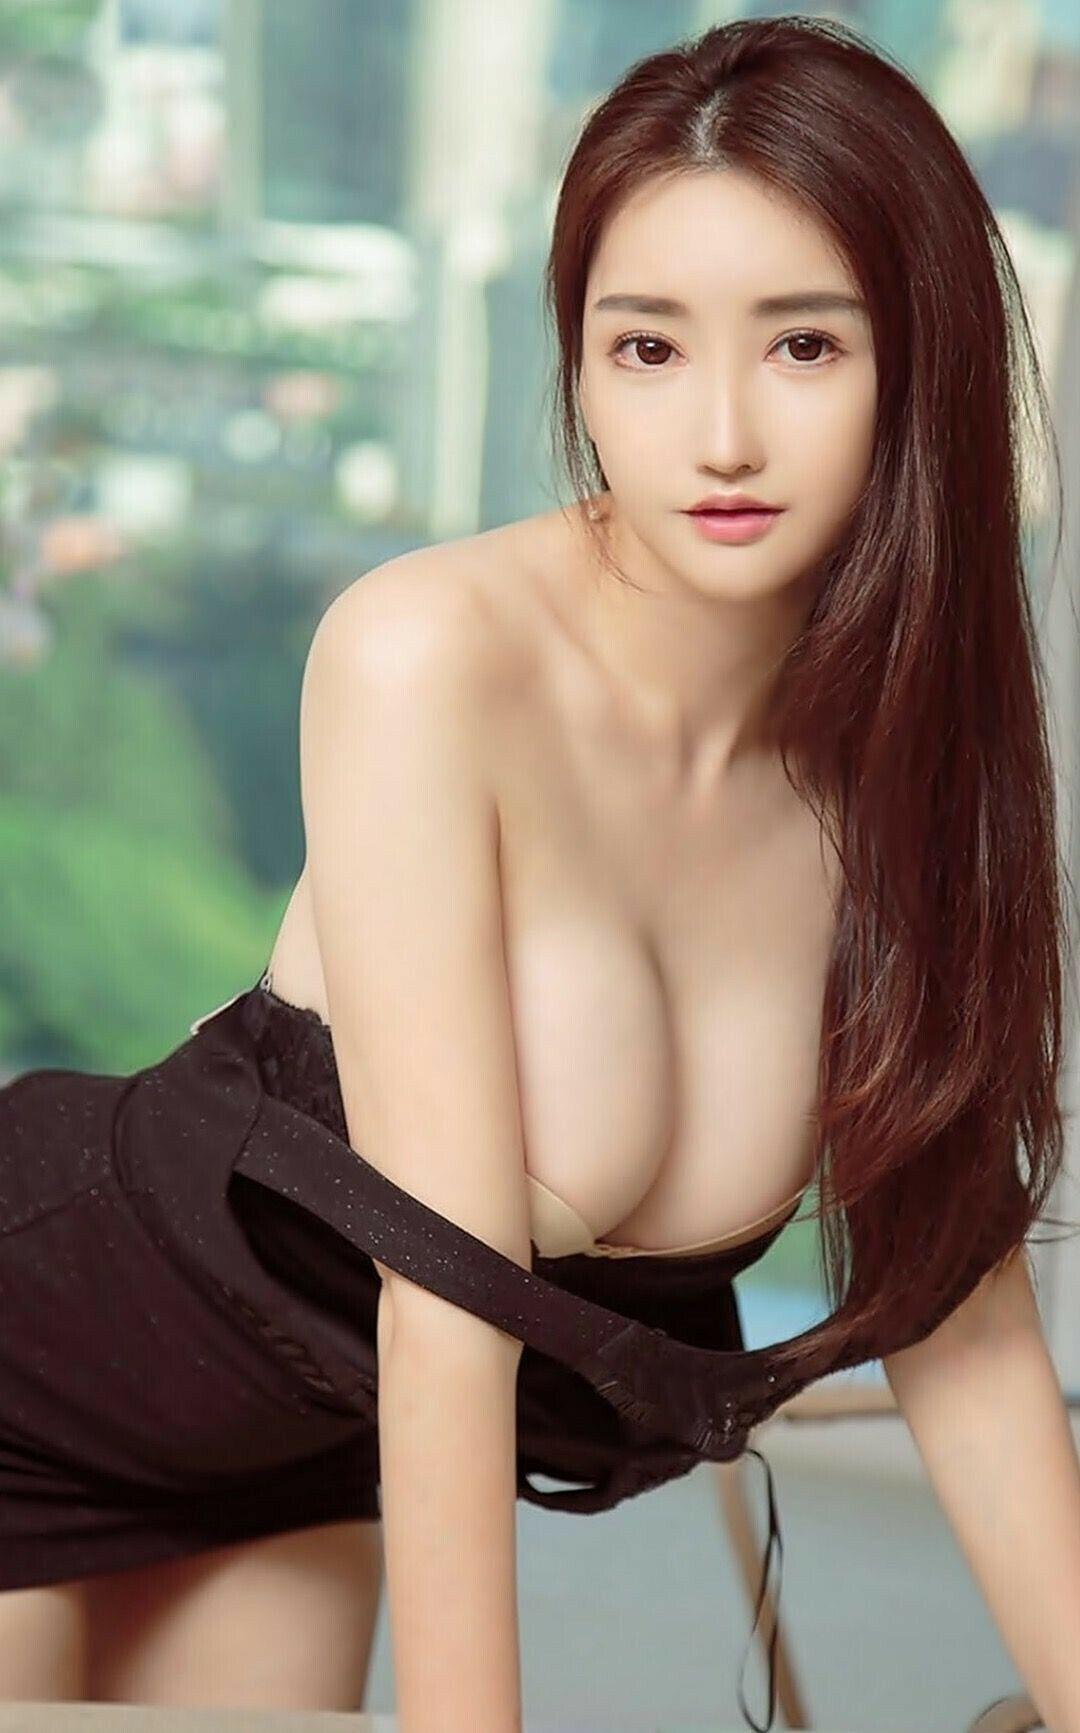 Korean model having sex the hood